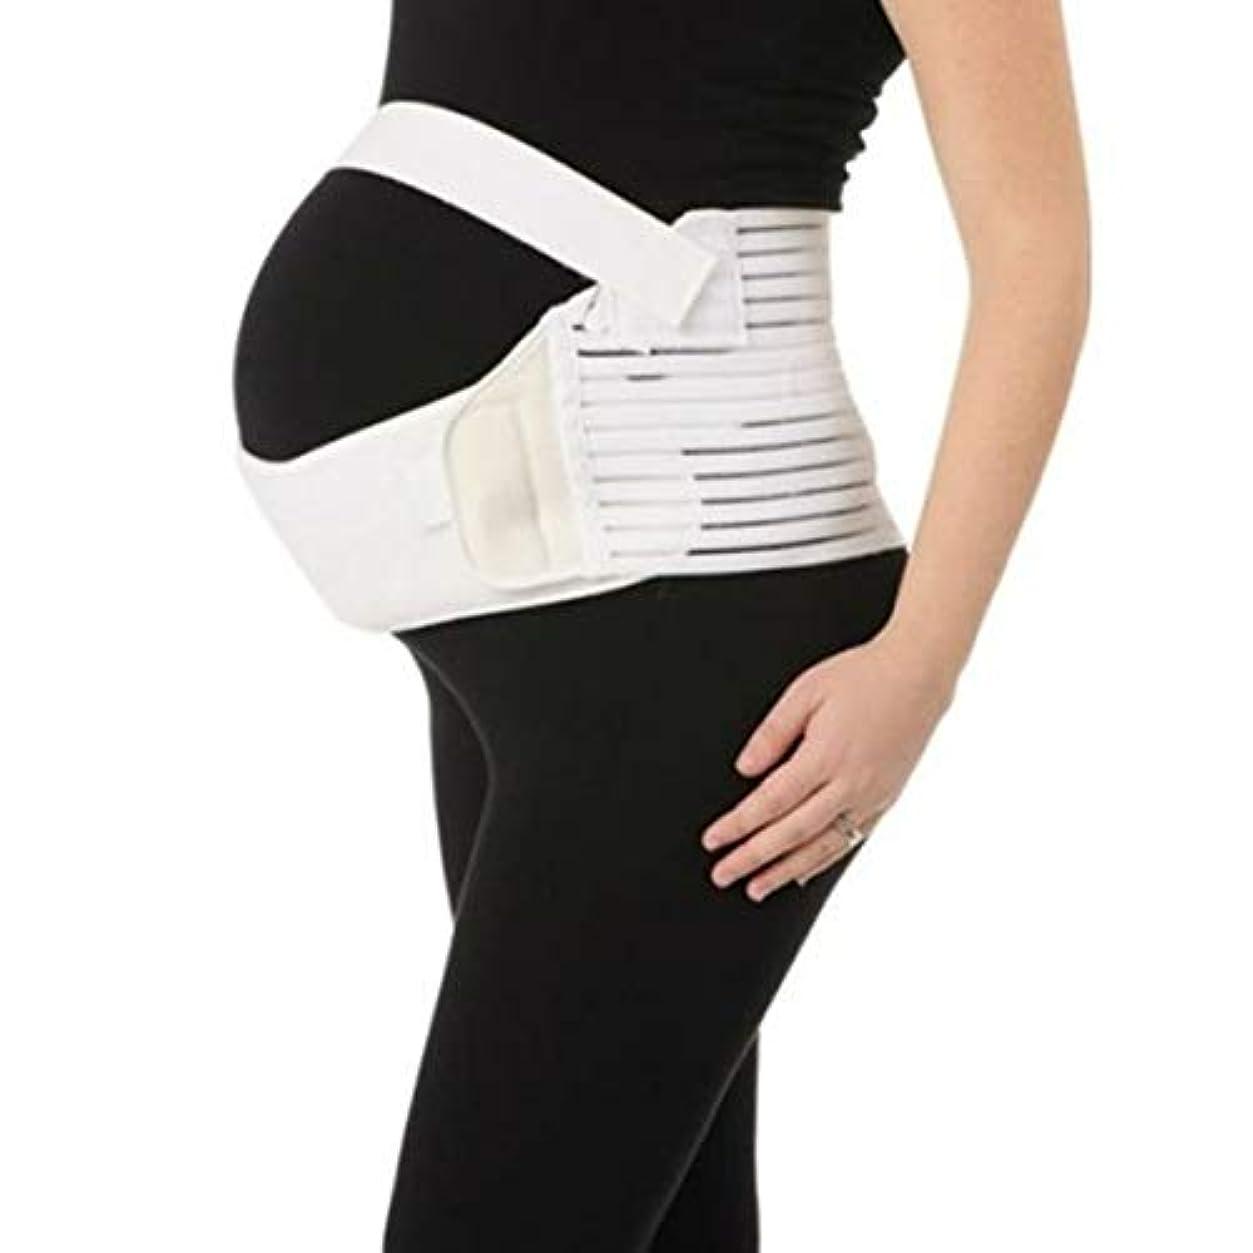 仕事慰めベスビオ山通気性マタニティベルト妊娠腹部サポート腹部バインダーガードル運動包帯産後回復形状ウェア - ホワイトXL